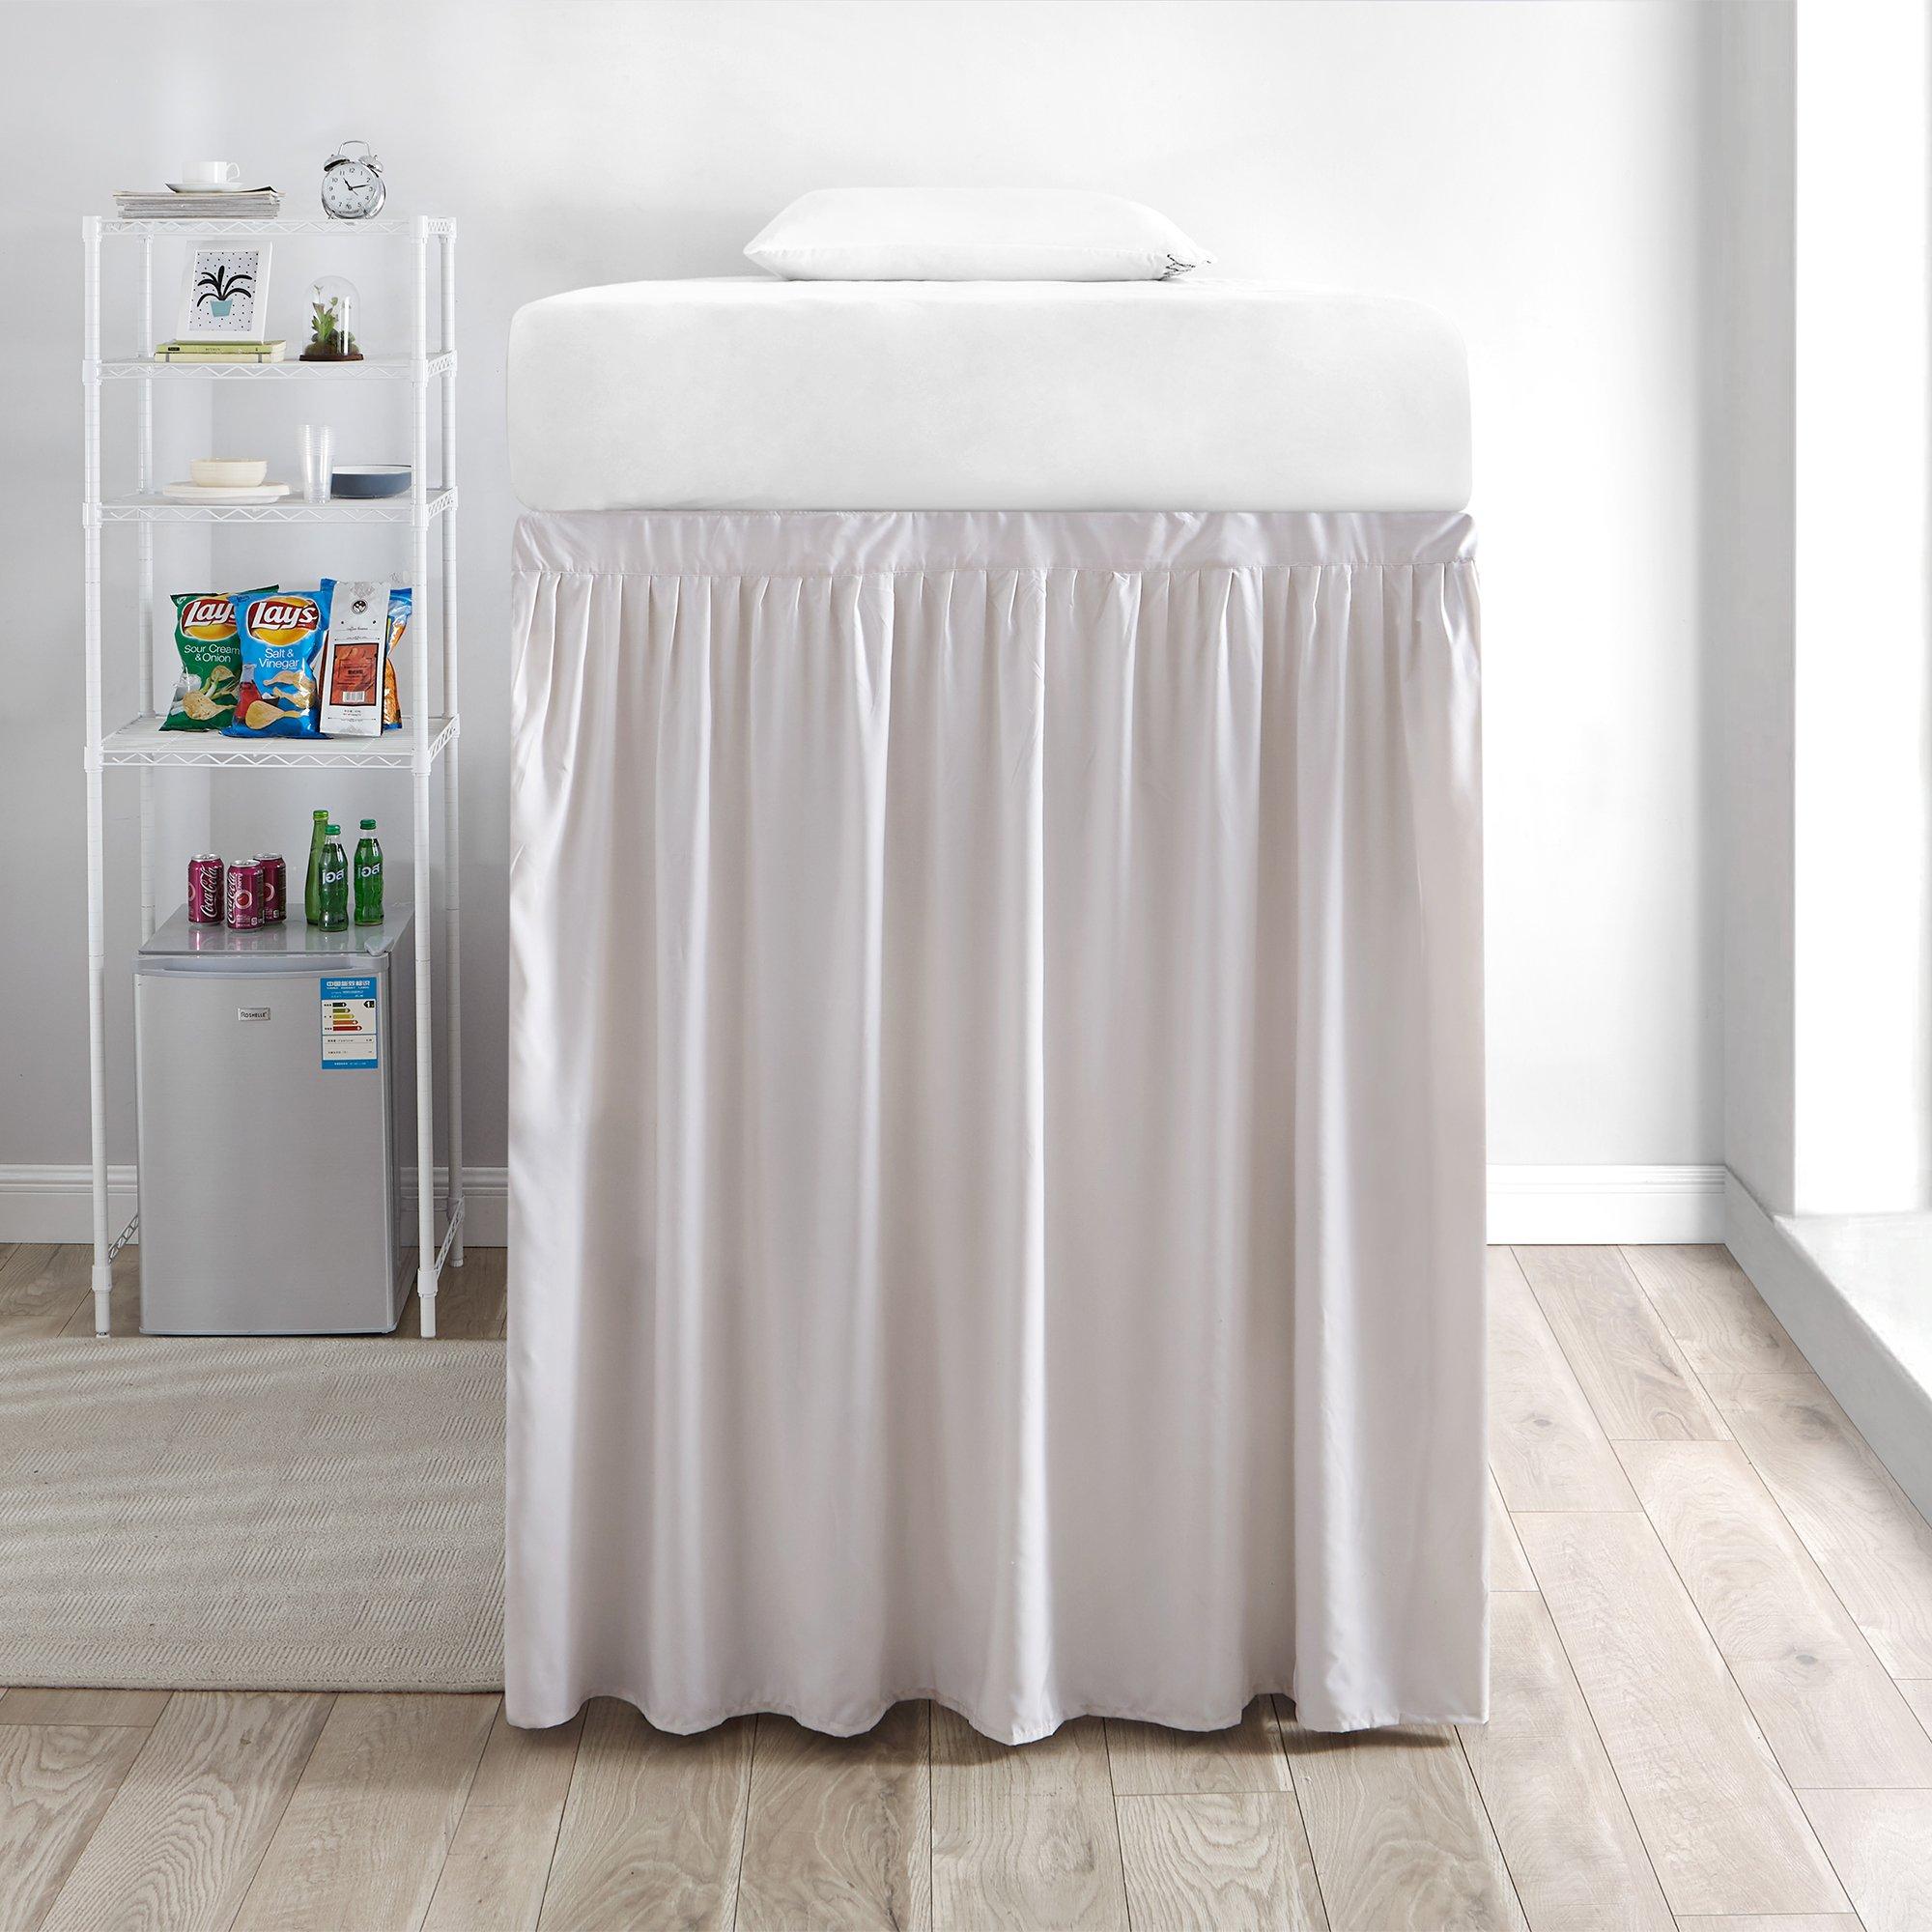 DormCo Extended Bed Skirt Twin XL (3 Panel Set) - Jet Stream